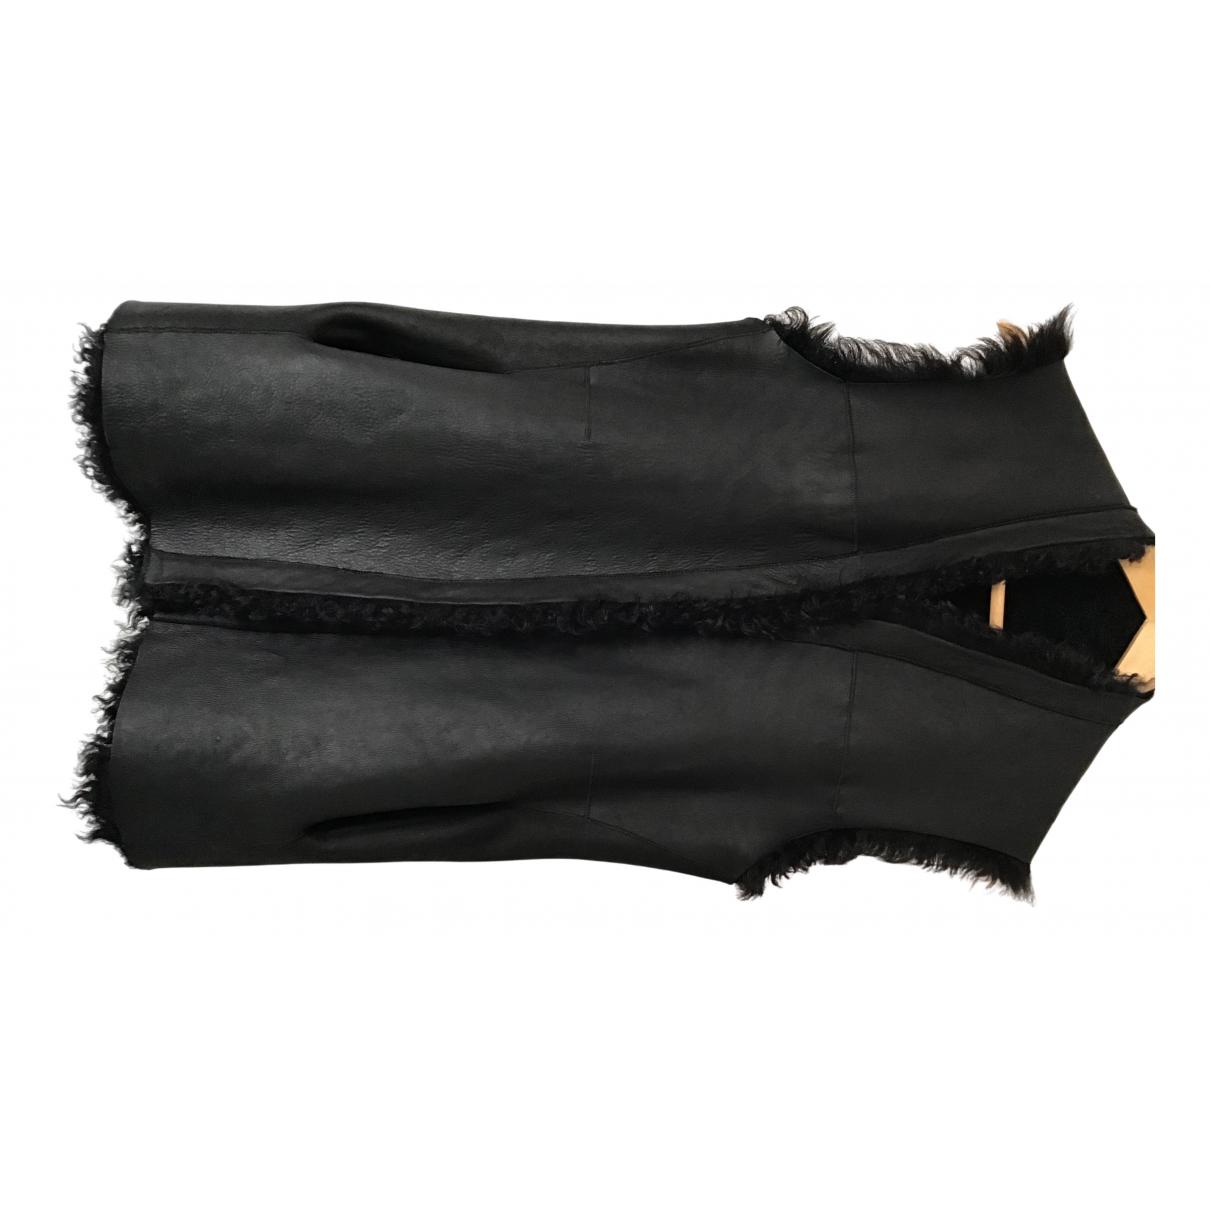 88 & Half - Veste   pour femme en cuir - noir